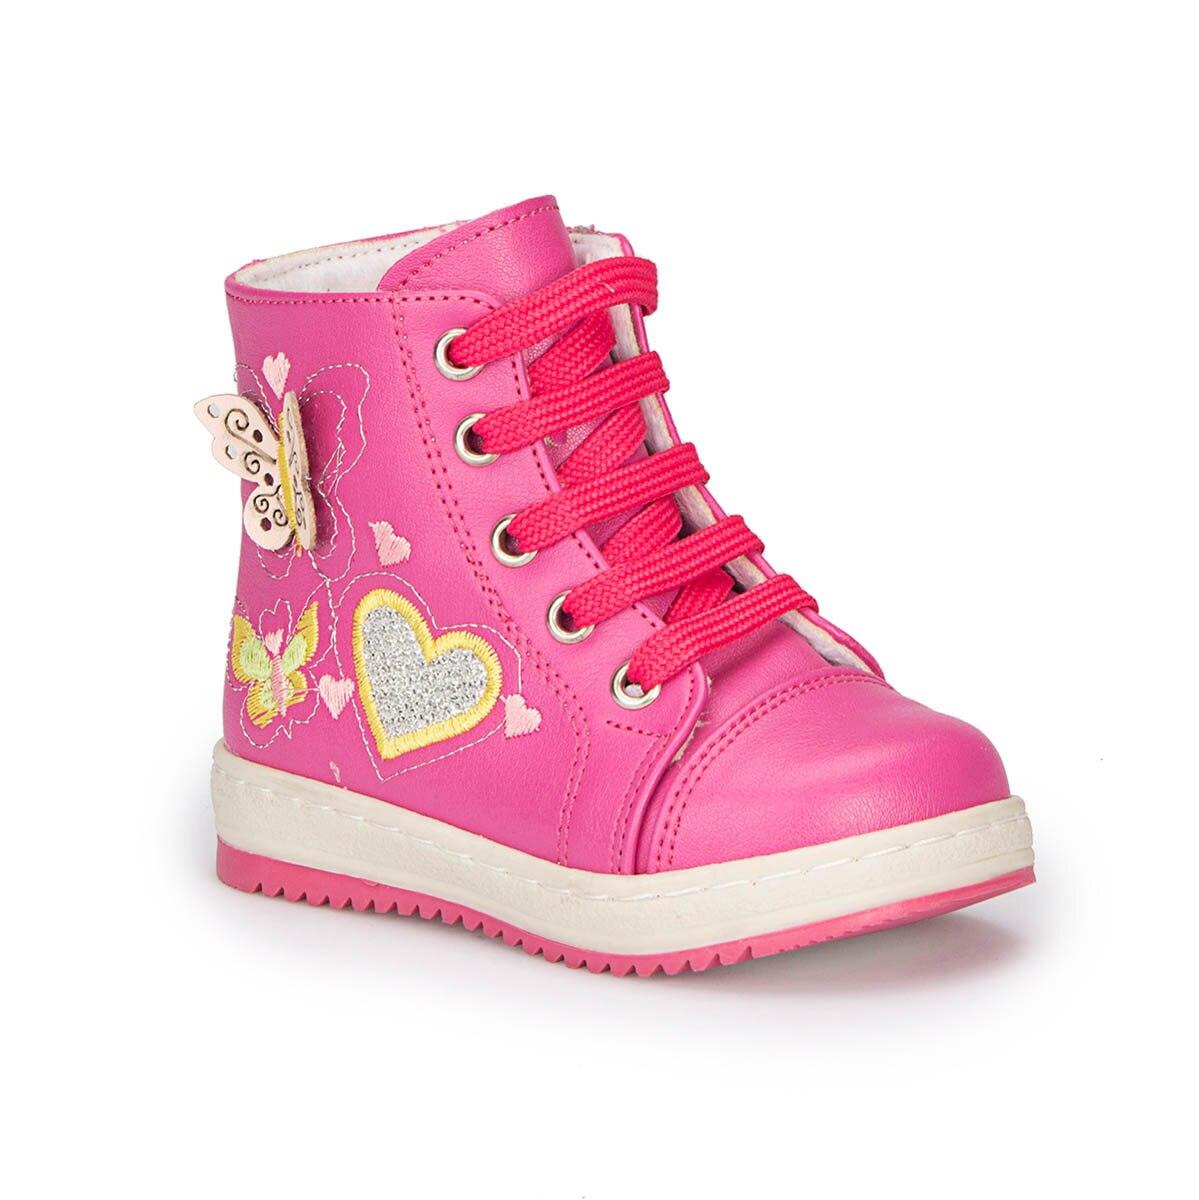 FLO 72.507532.B Fuchsia Female Child Sneaker Shoes Polaris